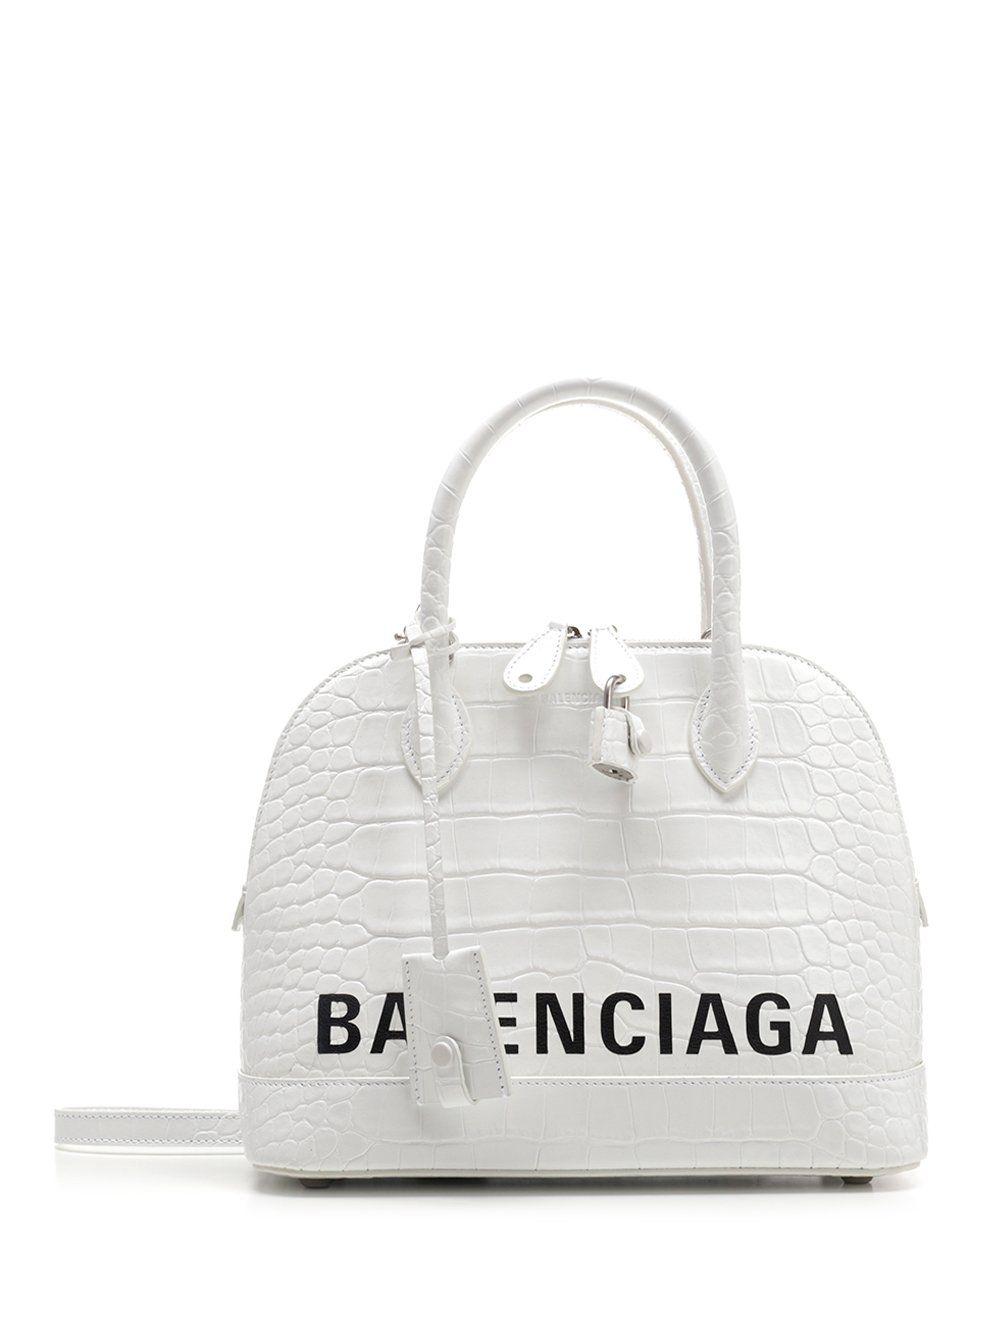 BALENCIAGA BALENCIAGA VILLE EMBOSSED LOGO TOTE BAG bags bags